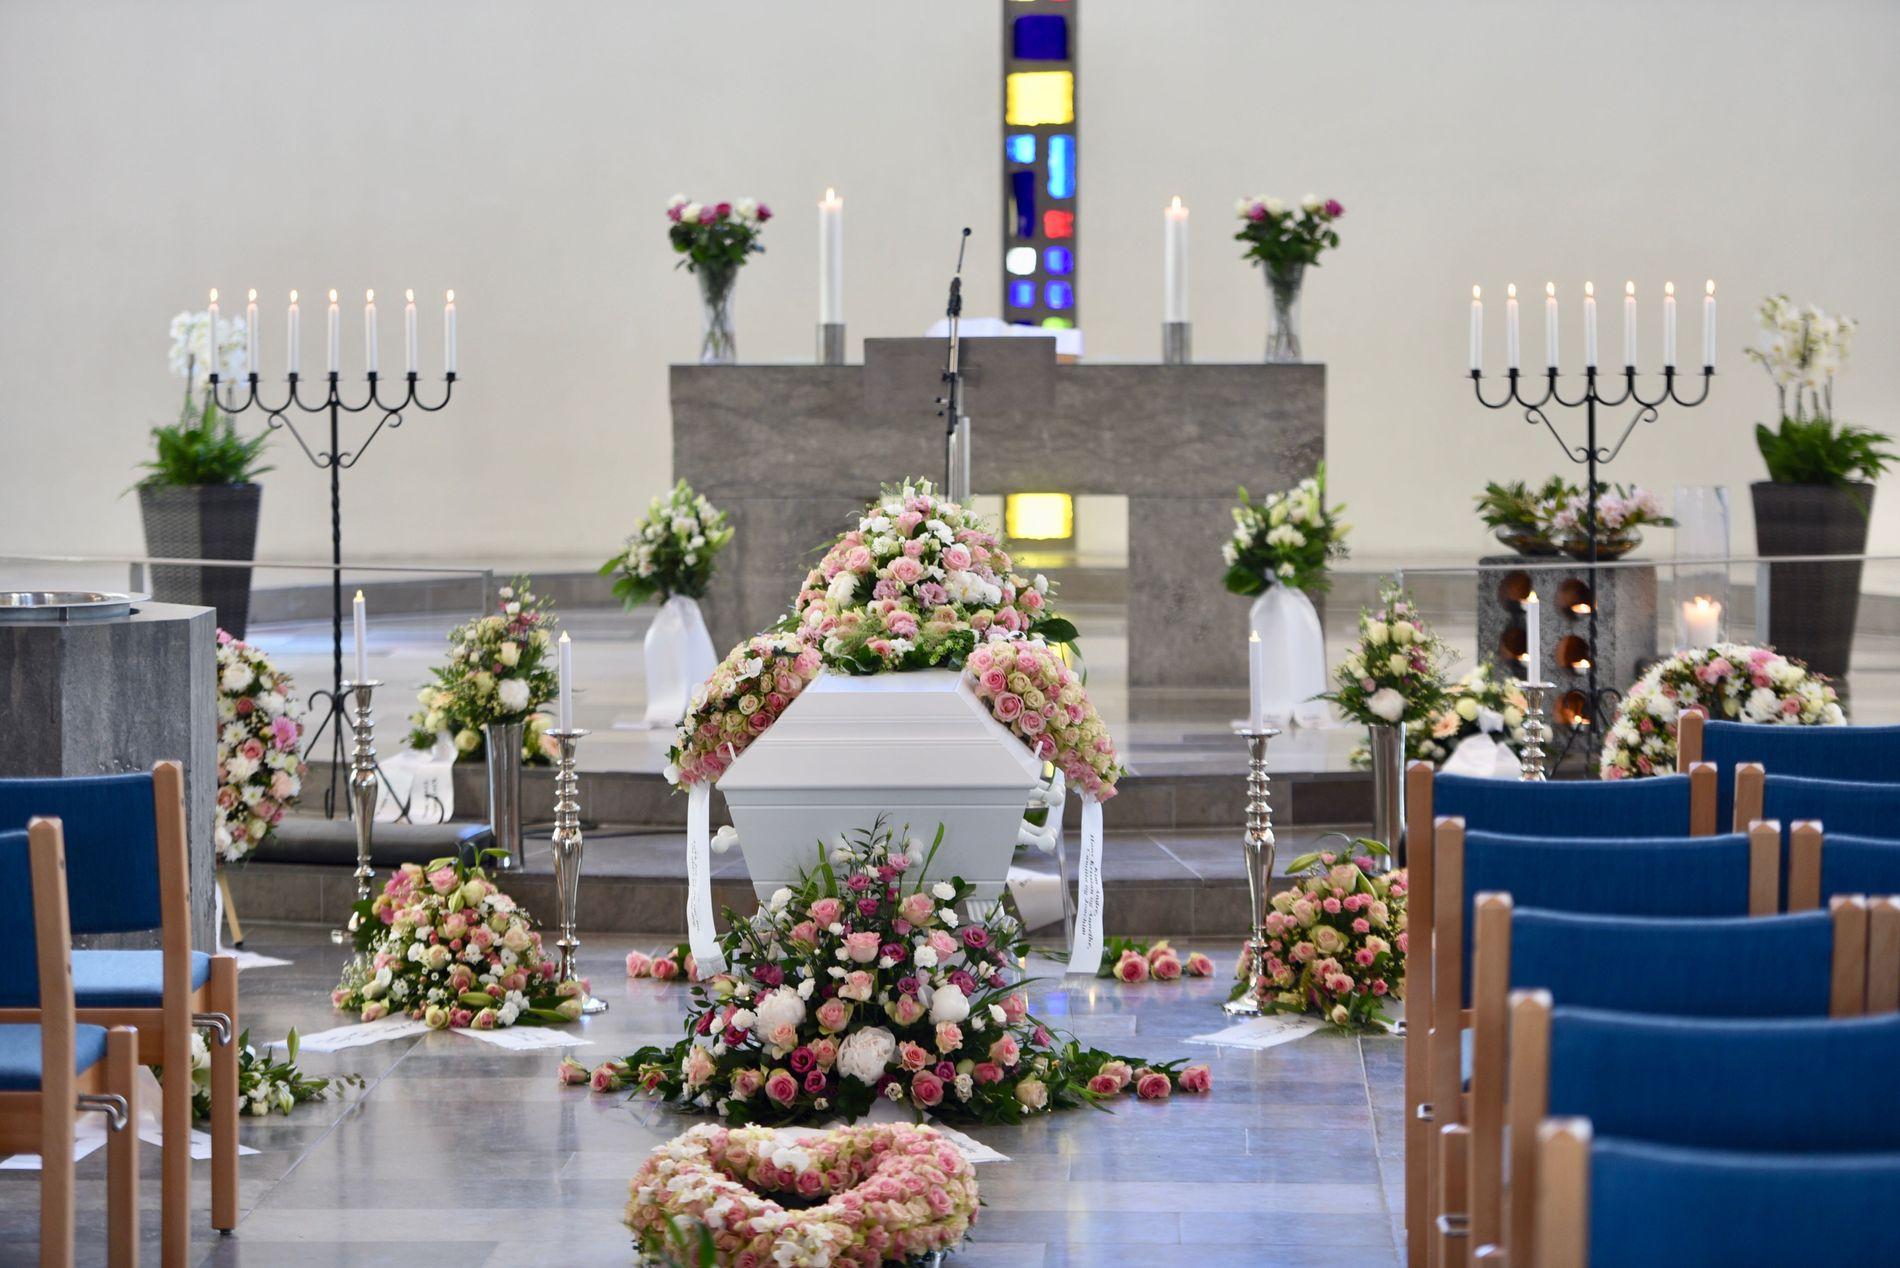 KISTEN: Slik sto kisten pyntet i Foldnes kyrkje før seremonien startet.